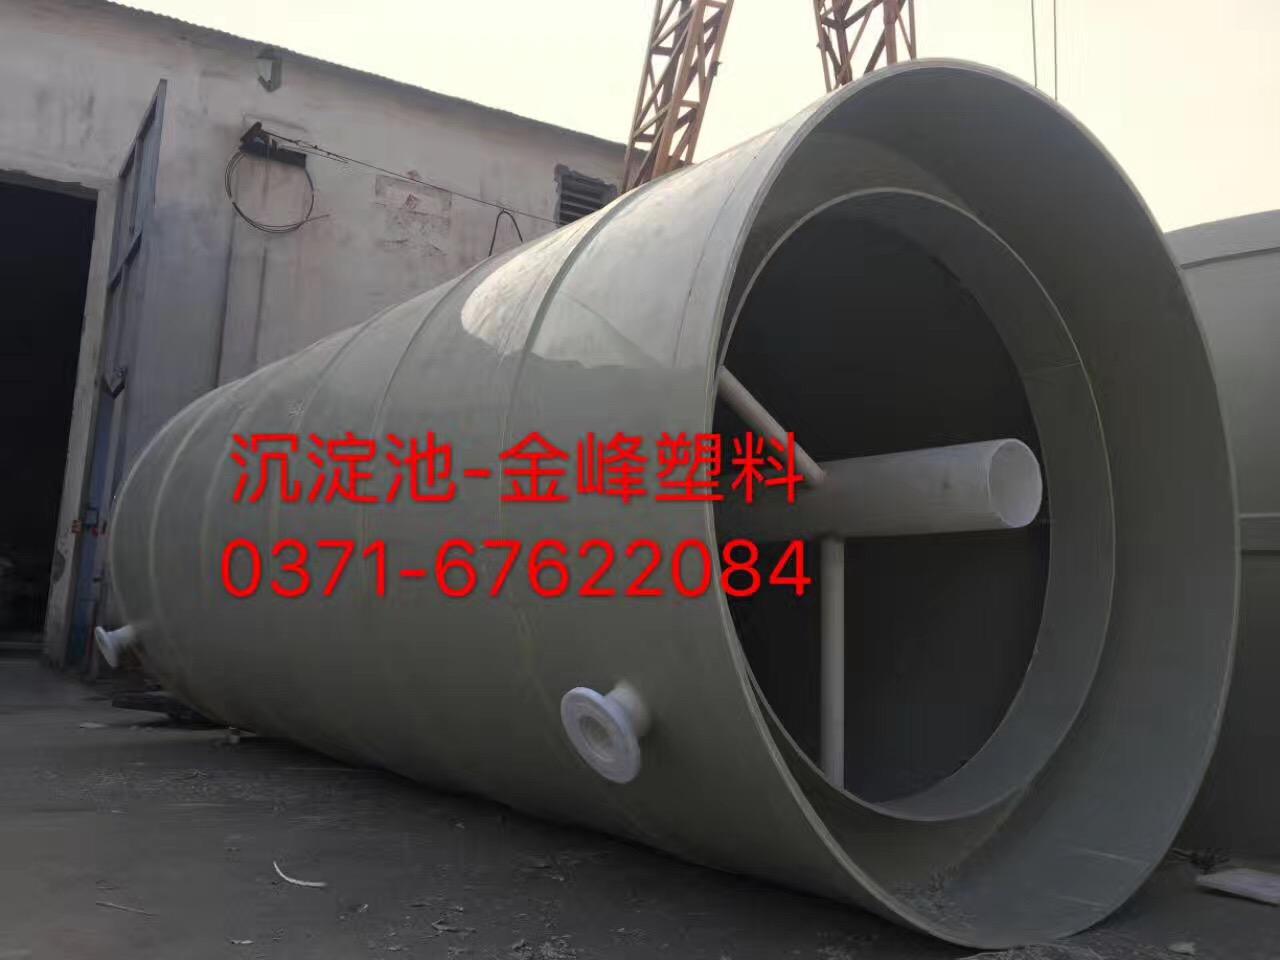 郑州金峰塑料沉淀池厂家 福建沉淀池批发